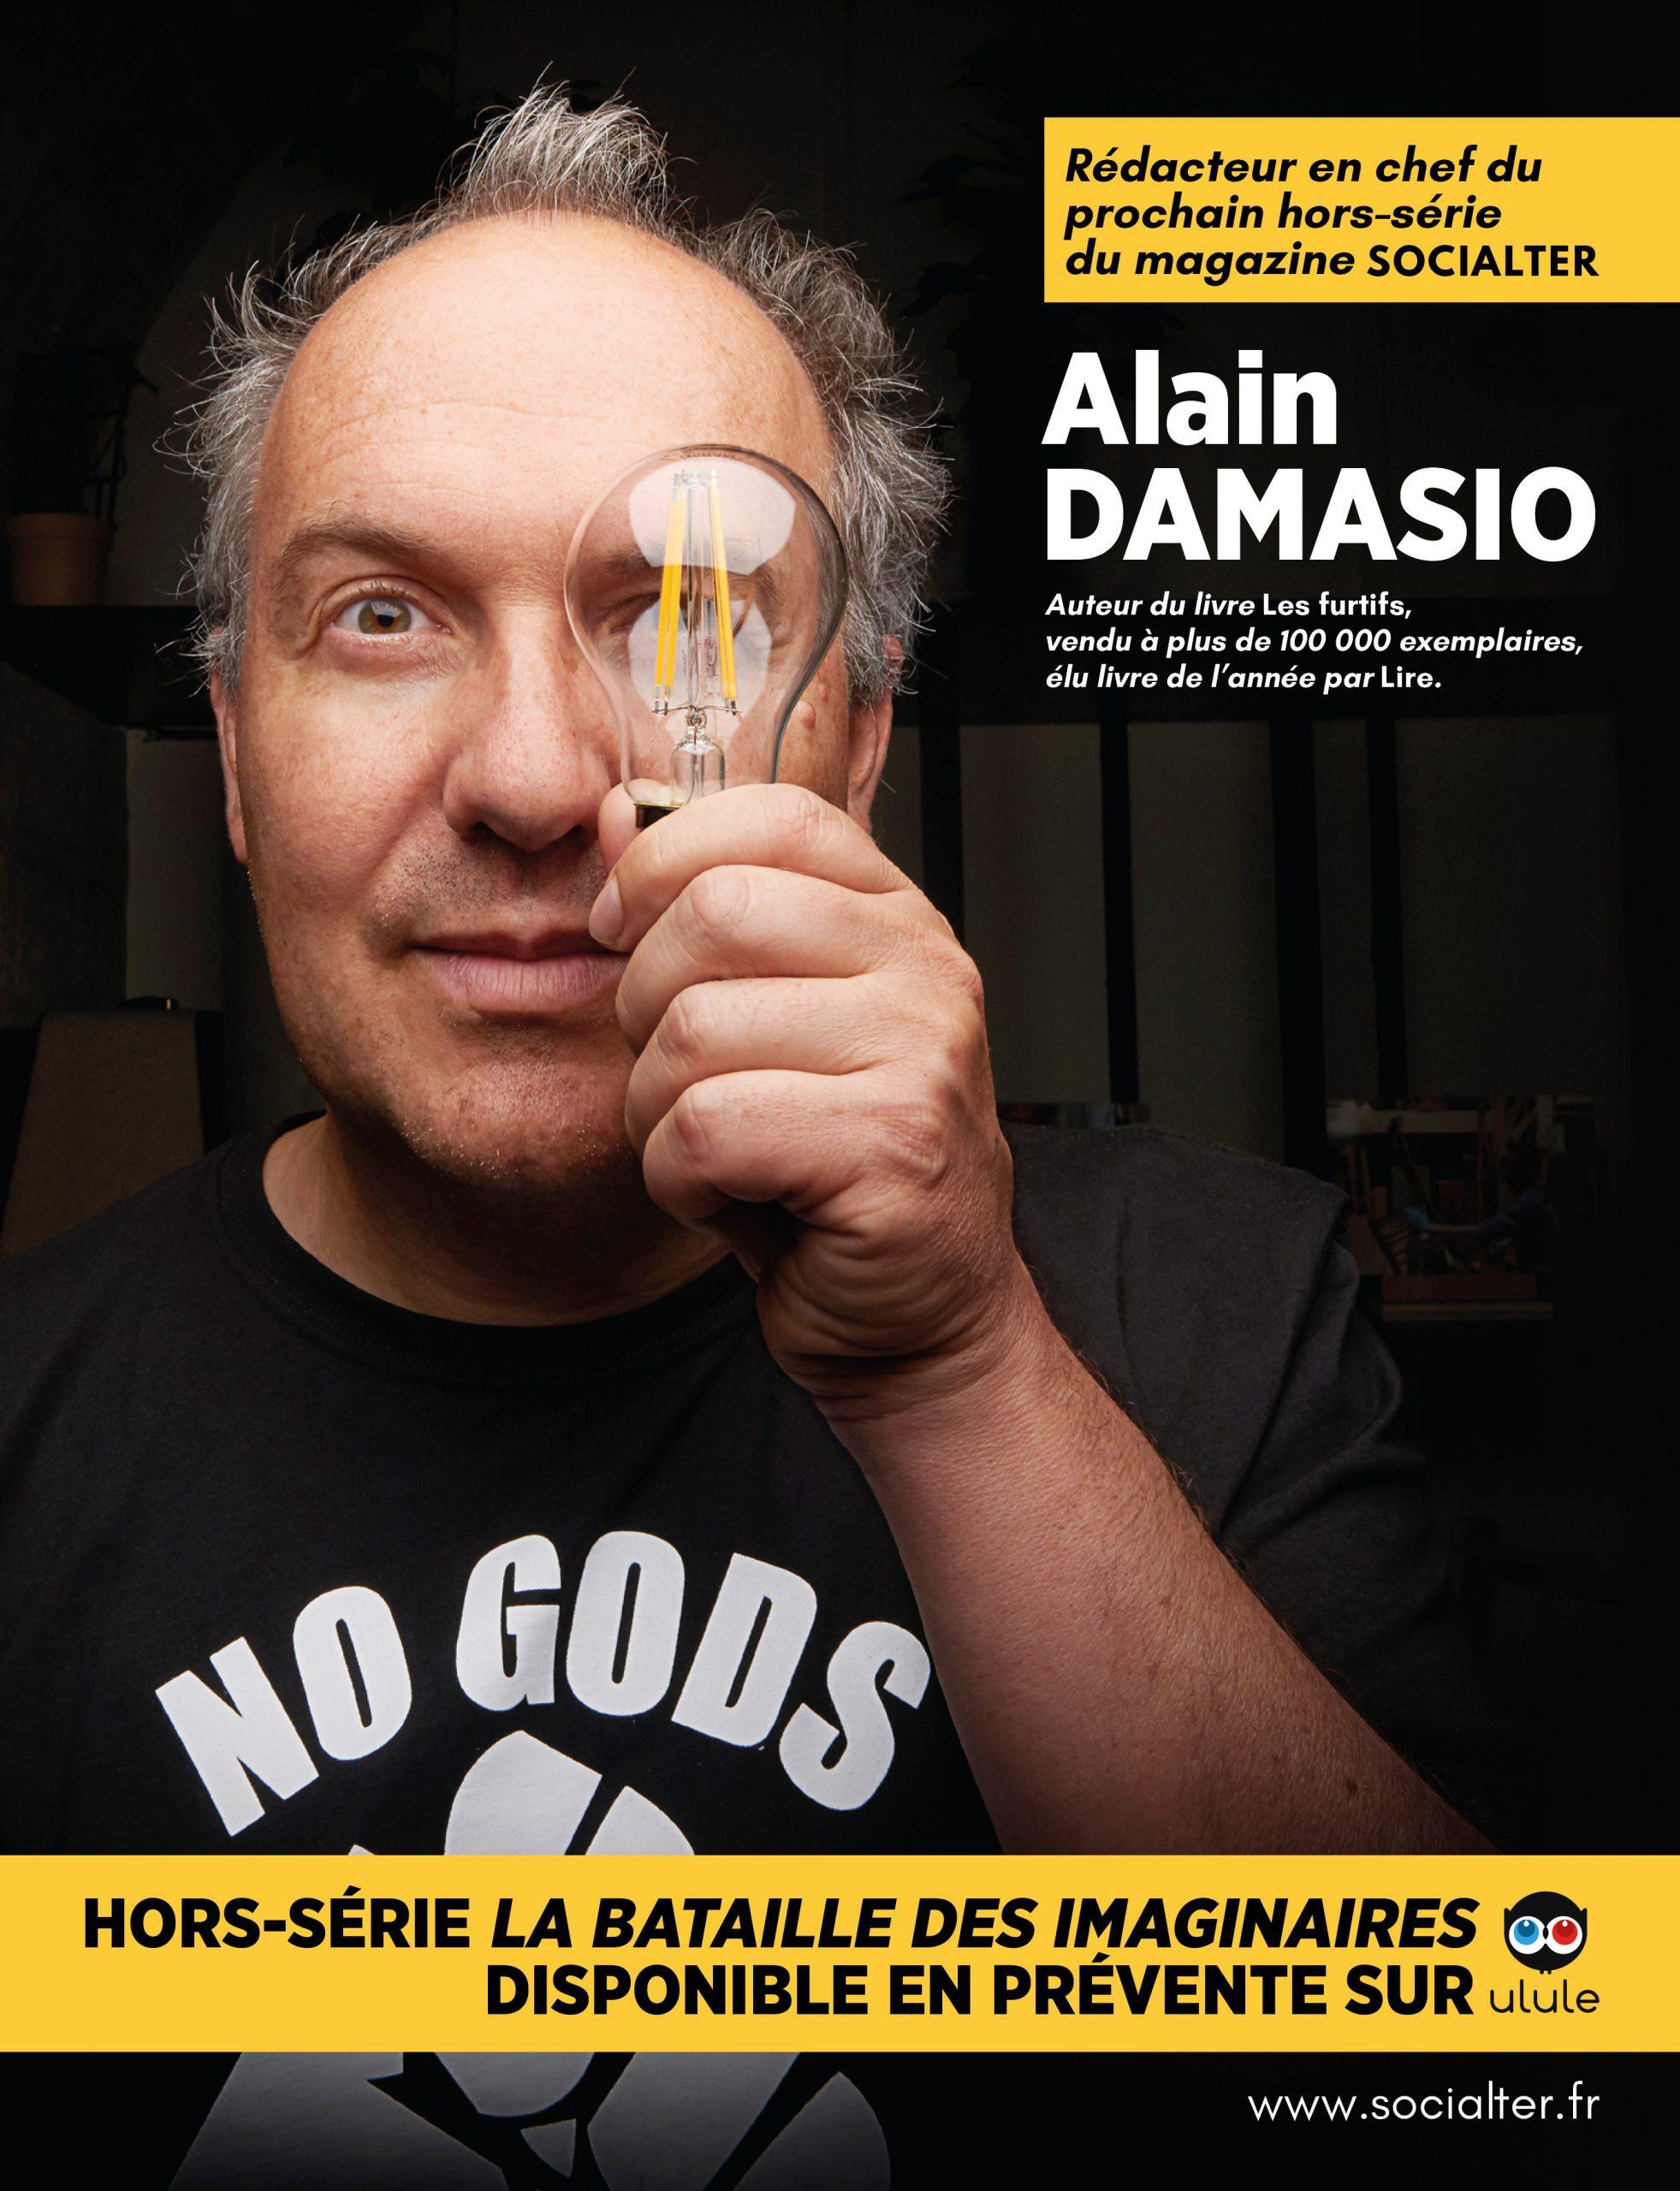 Alain Damasio, rédacteur en chef du prochain hors-série Socialter